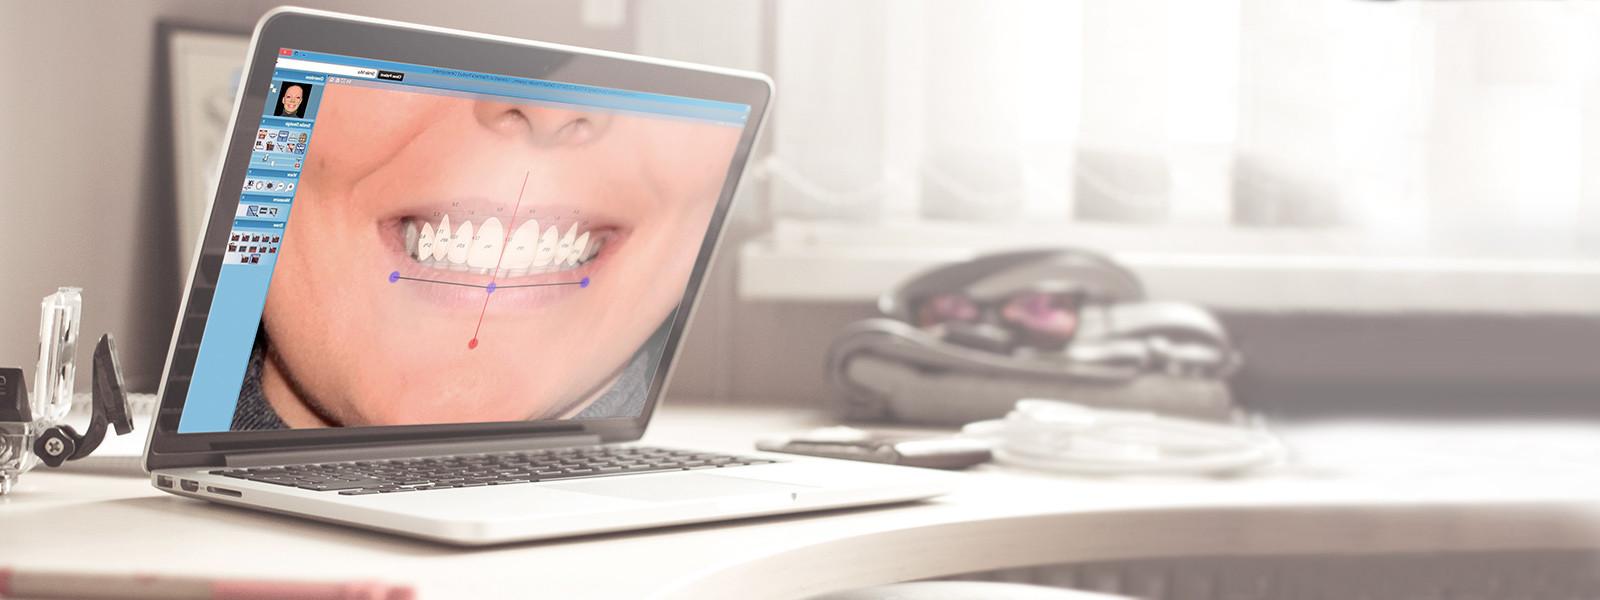 Впервые на Дальнем Востоке! Программа №1 для дизайна Вашей идеальной улыбки!